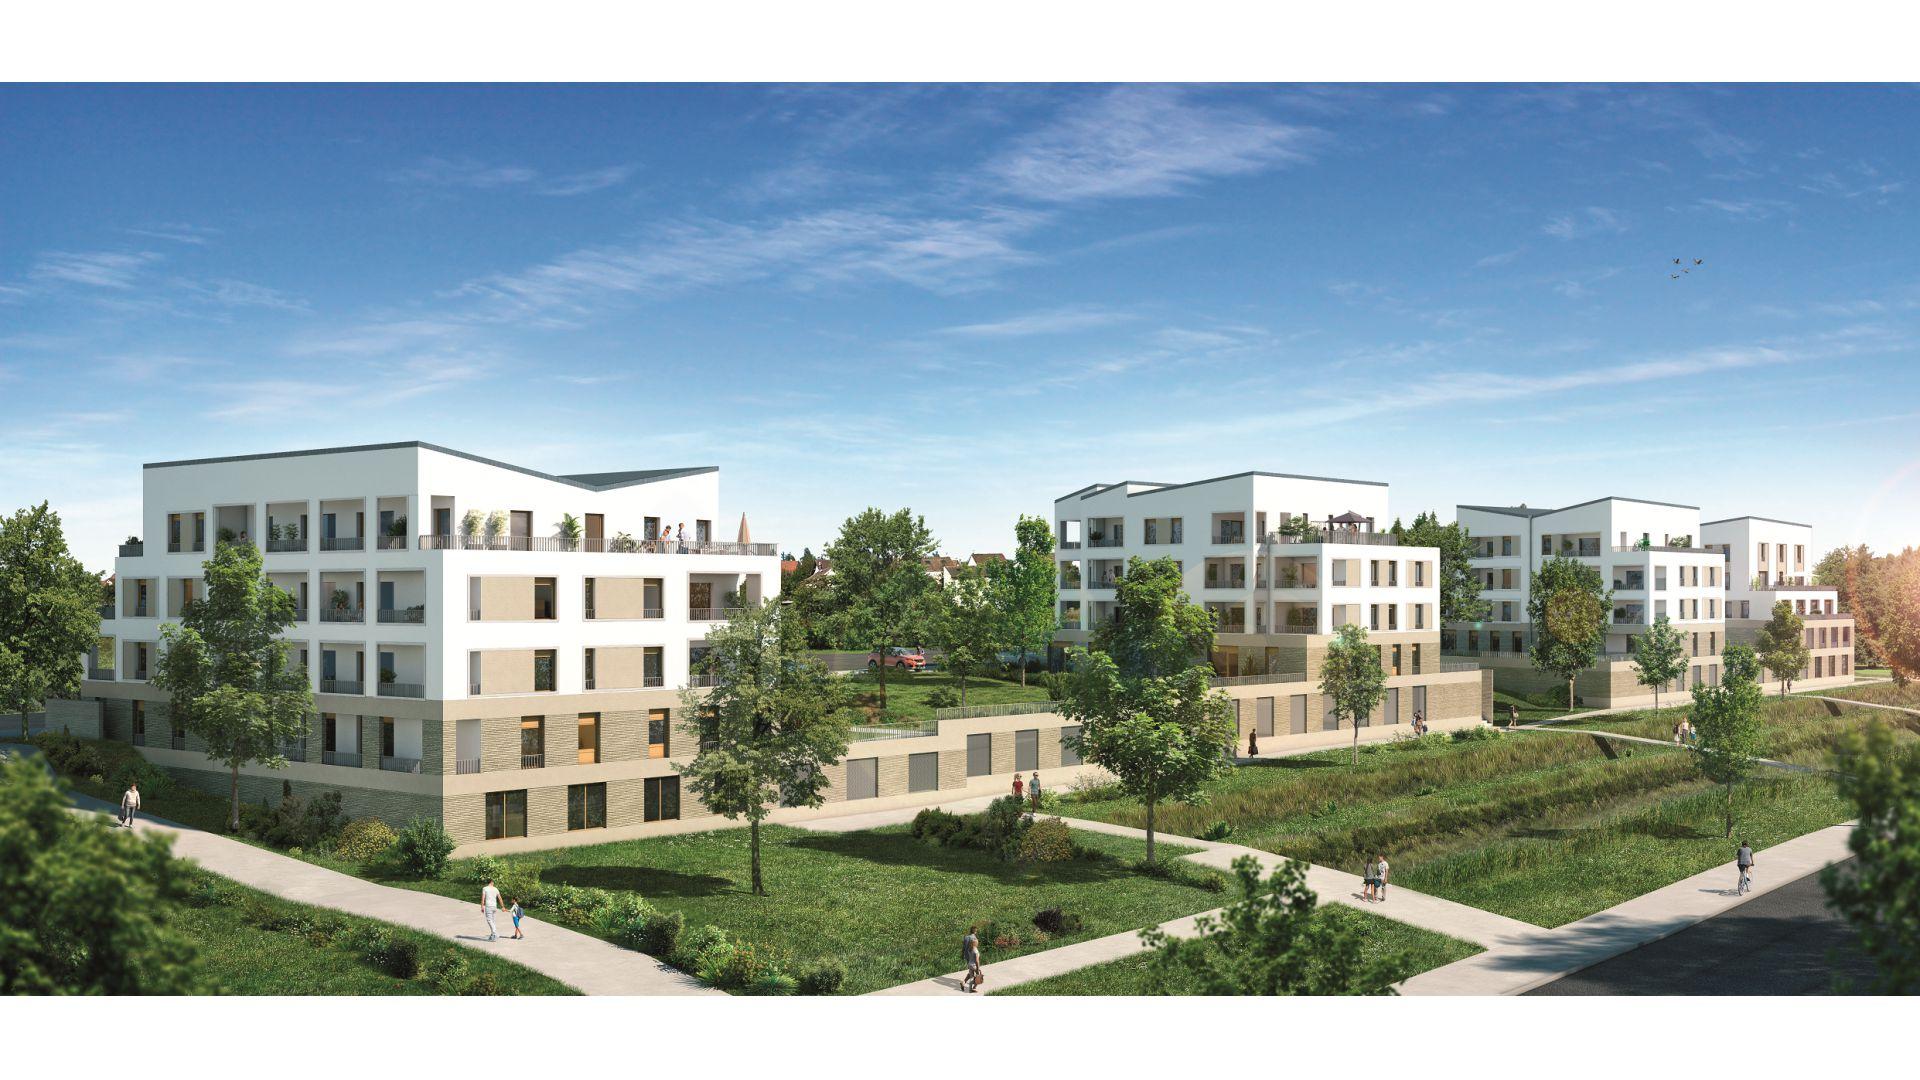 GreenCity Immobilier - Ecquevilly 78920 - Résidence Côté Parc - appartements neufs du T1 au T4